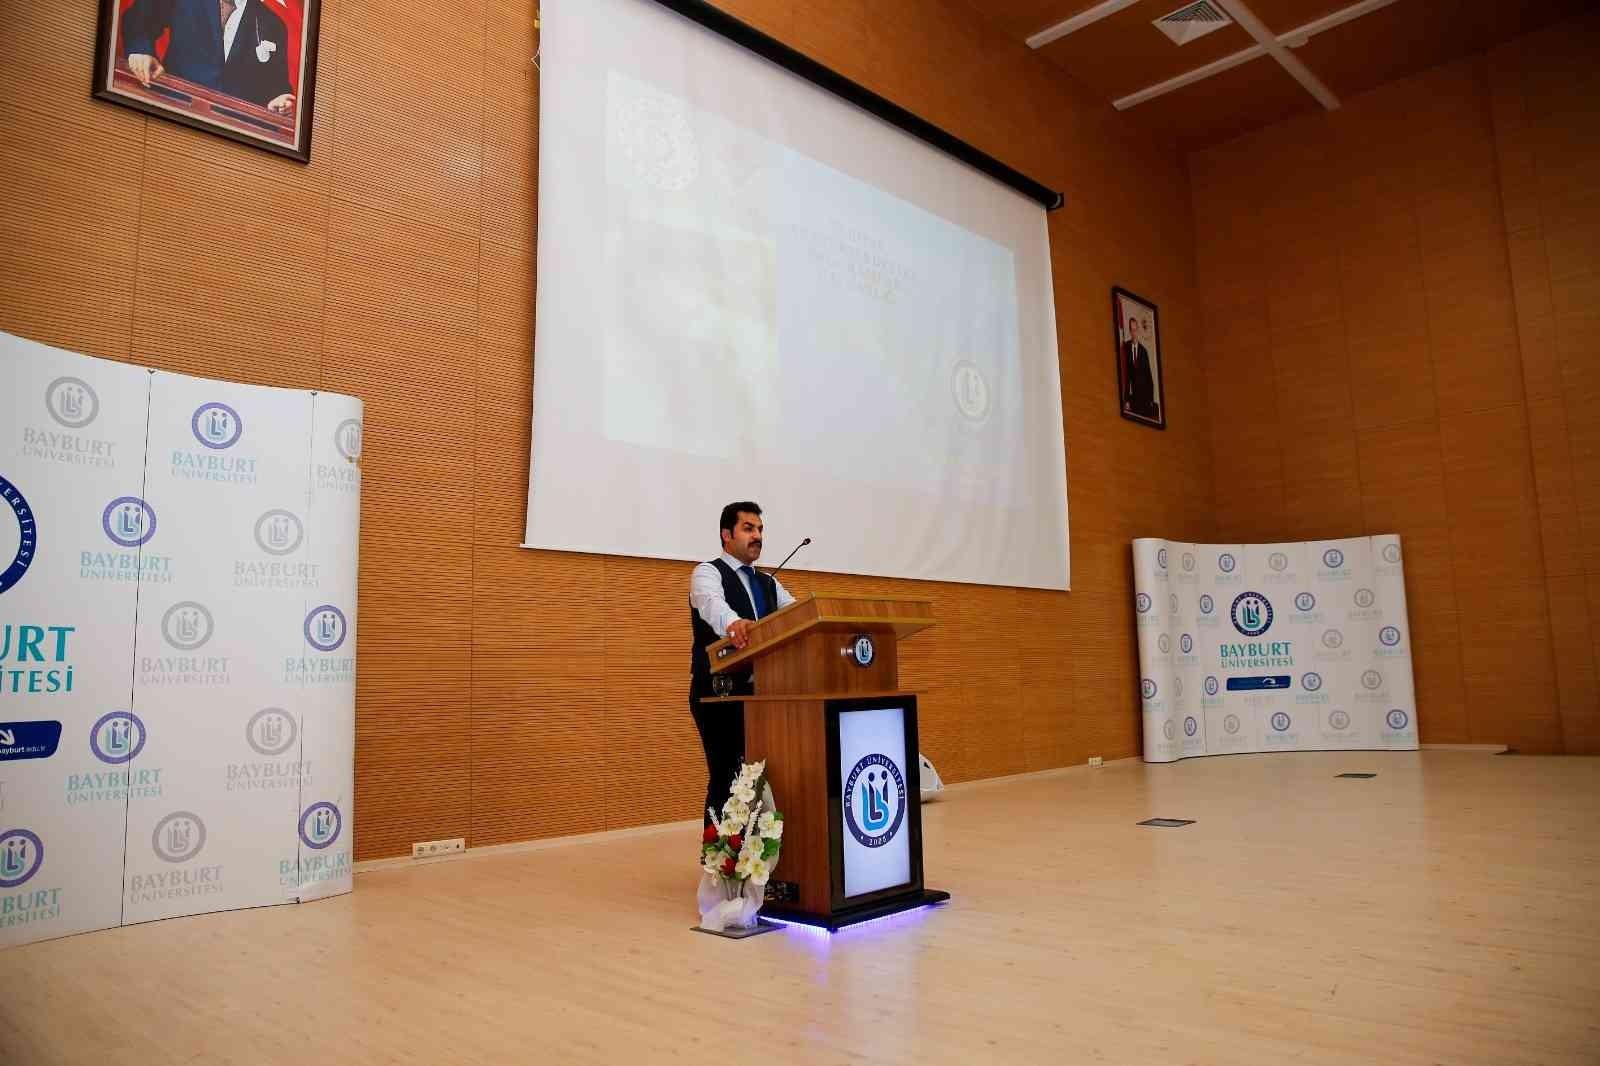 Bayburt Üniversitesinde TÜBİTAK Destek Programları bilgilendirme toplantıları yapıldı #bayburt